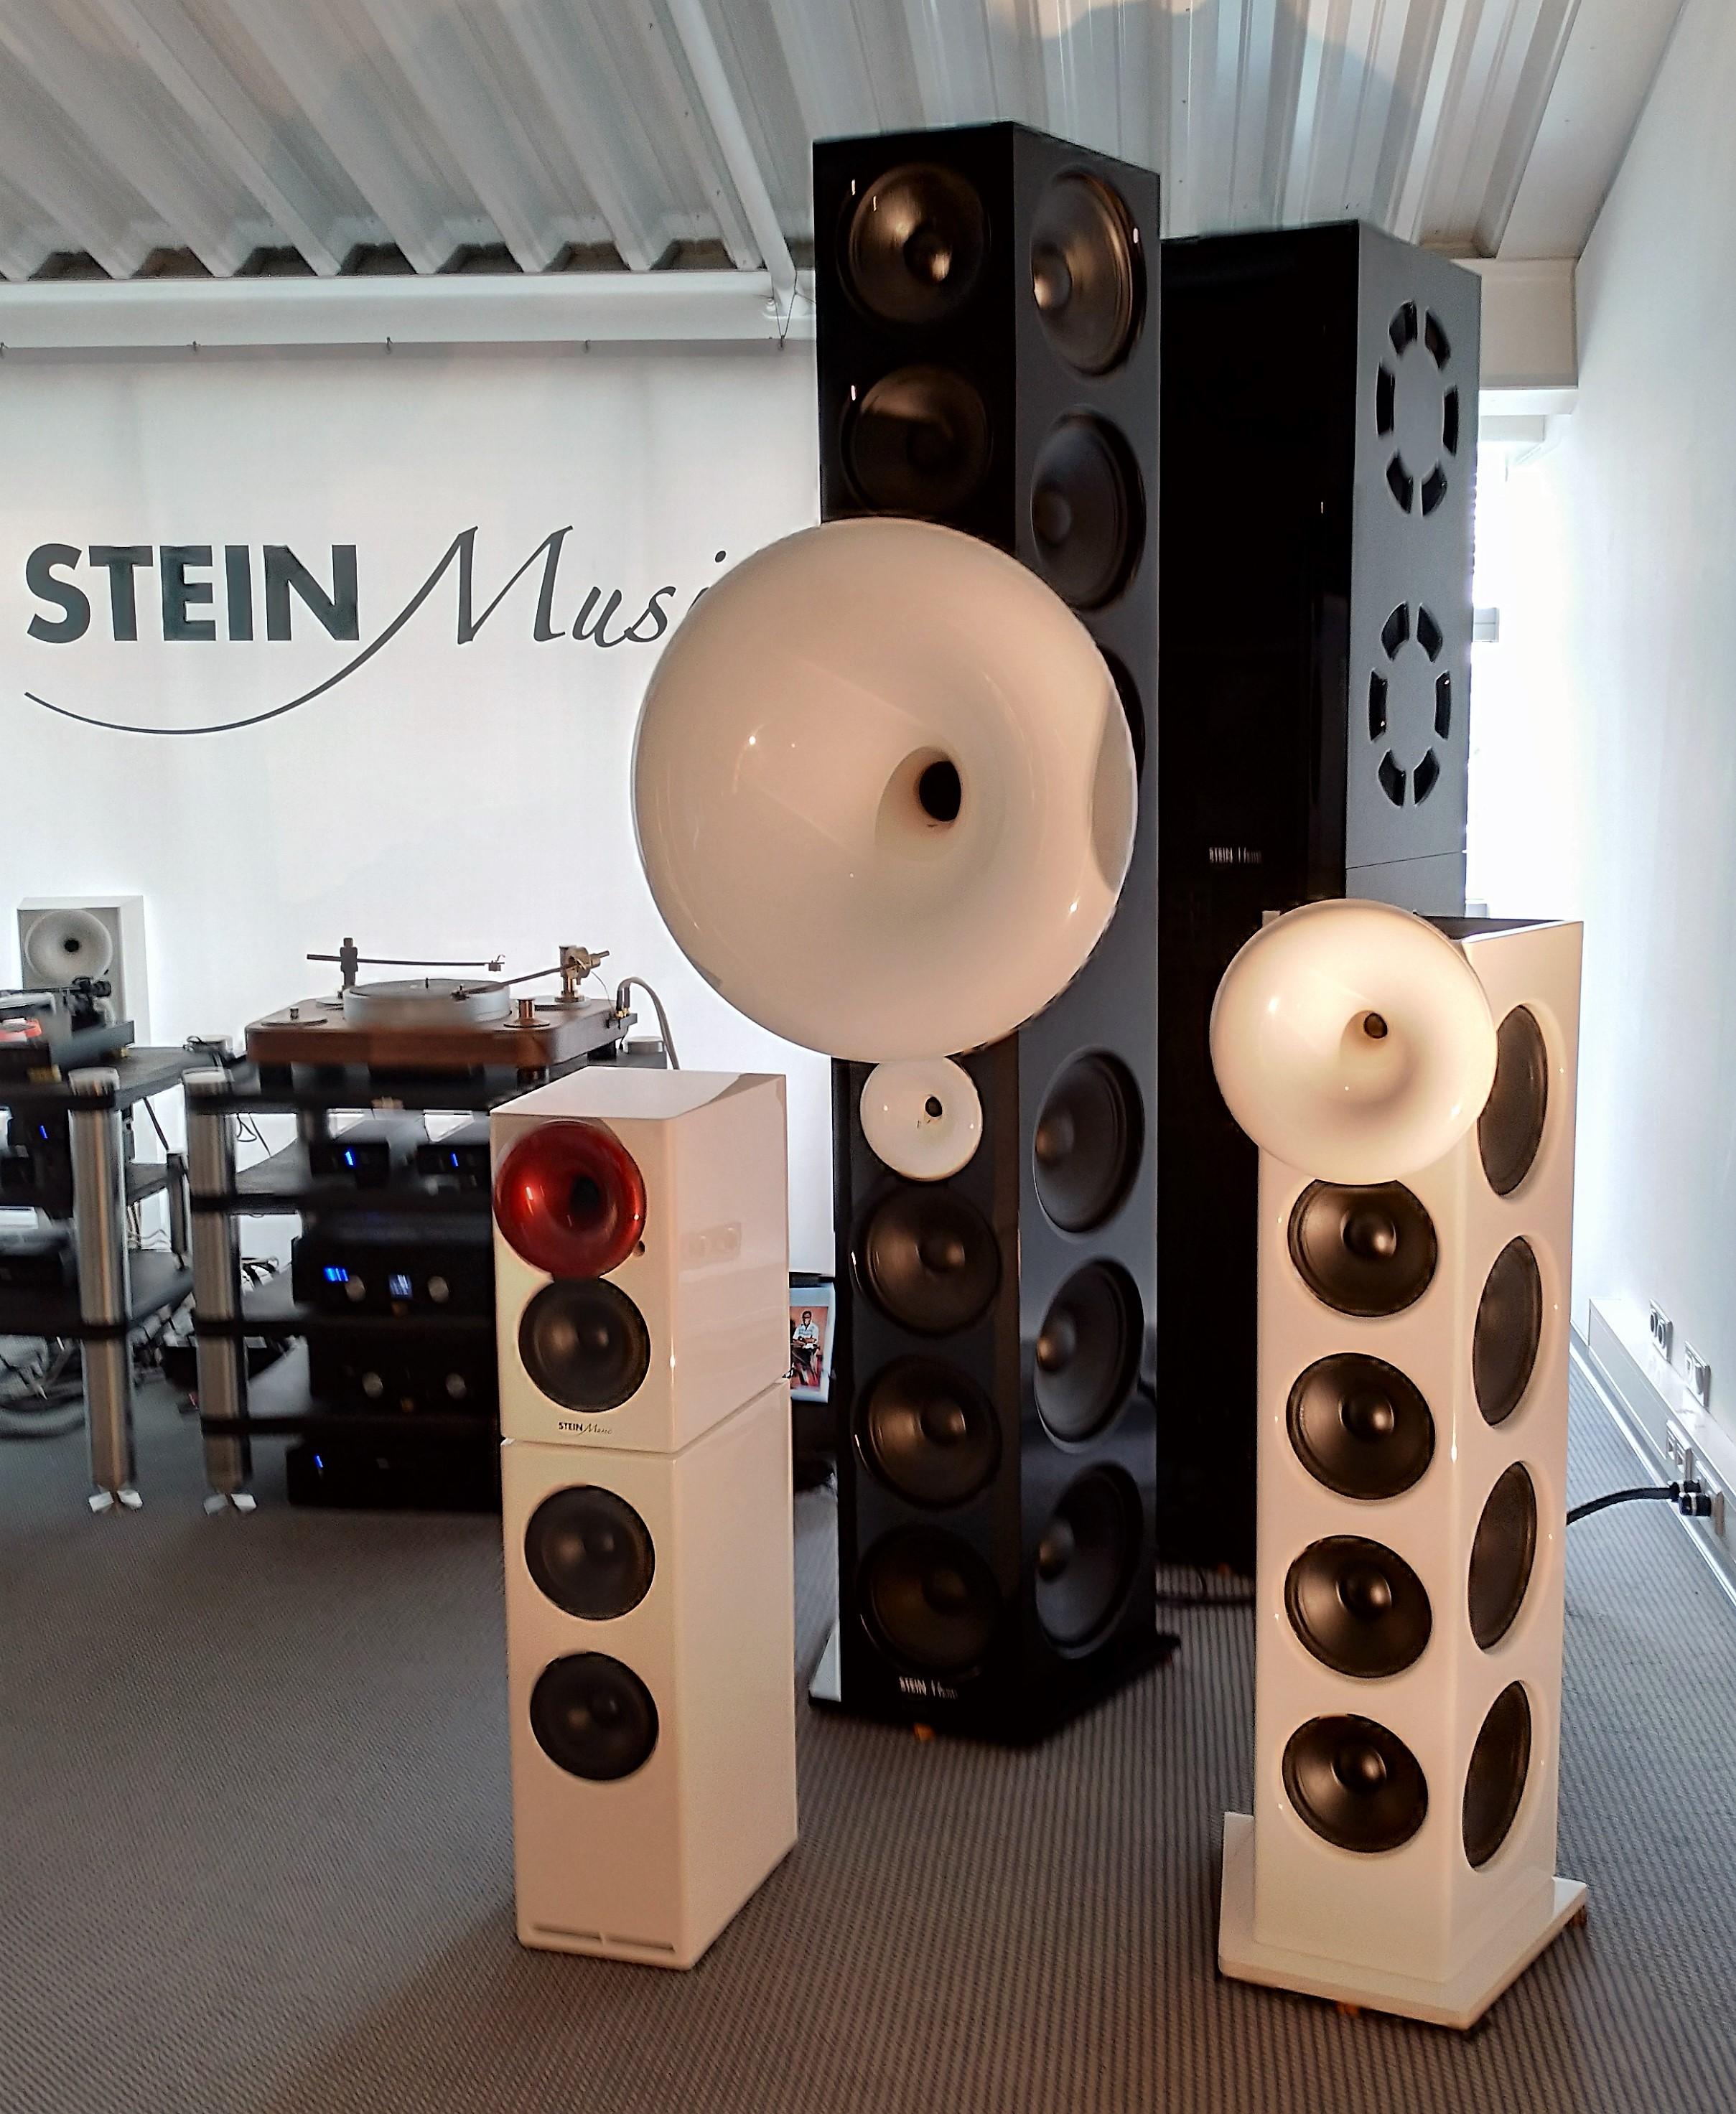 XL (längst bak) från Stein Musik är inte ett rent hornsystem, utan en hybrid med inbyggd 3-kilowatts förstärkare för de åtta (!) 18-tums bashögtalarna på varje sida. Ett stereopar har en sammanlagd membranyta på fyra kvadratmeter! Foto: John Alex Hvidlykke